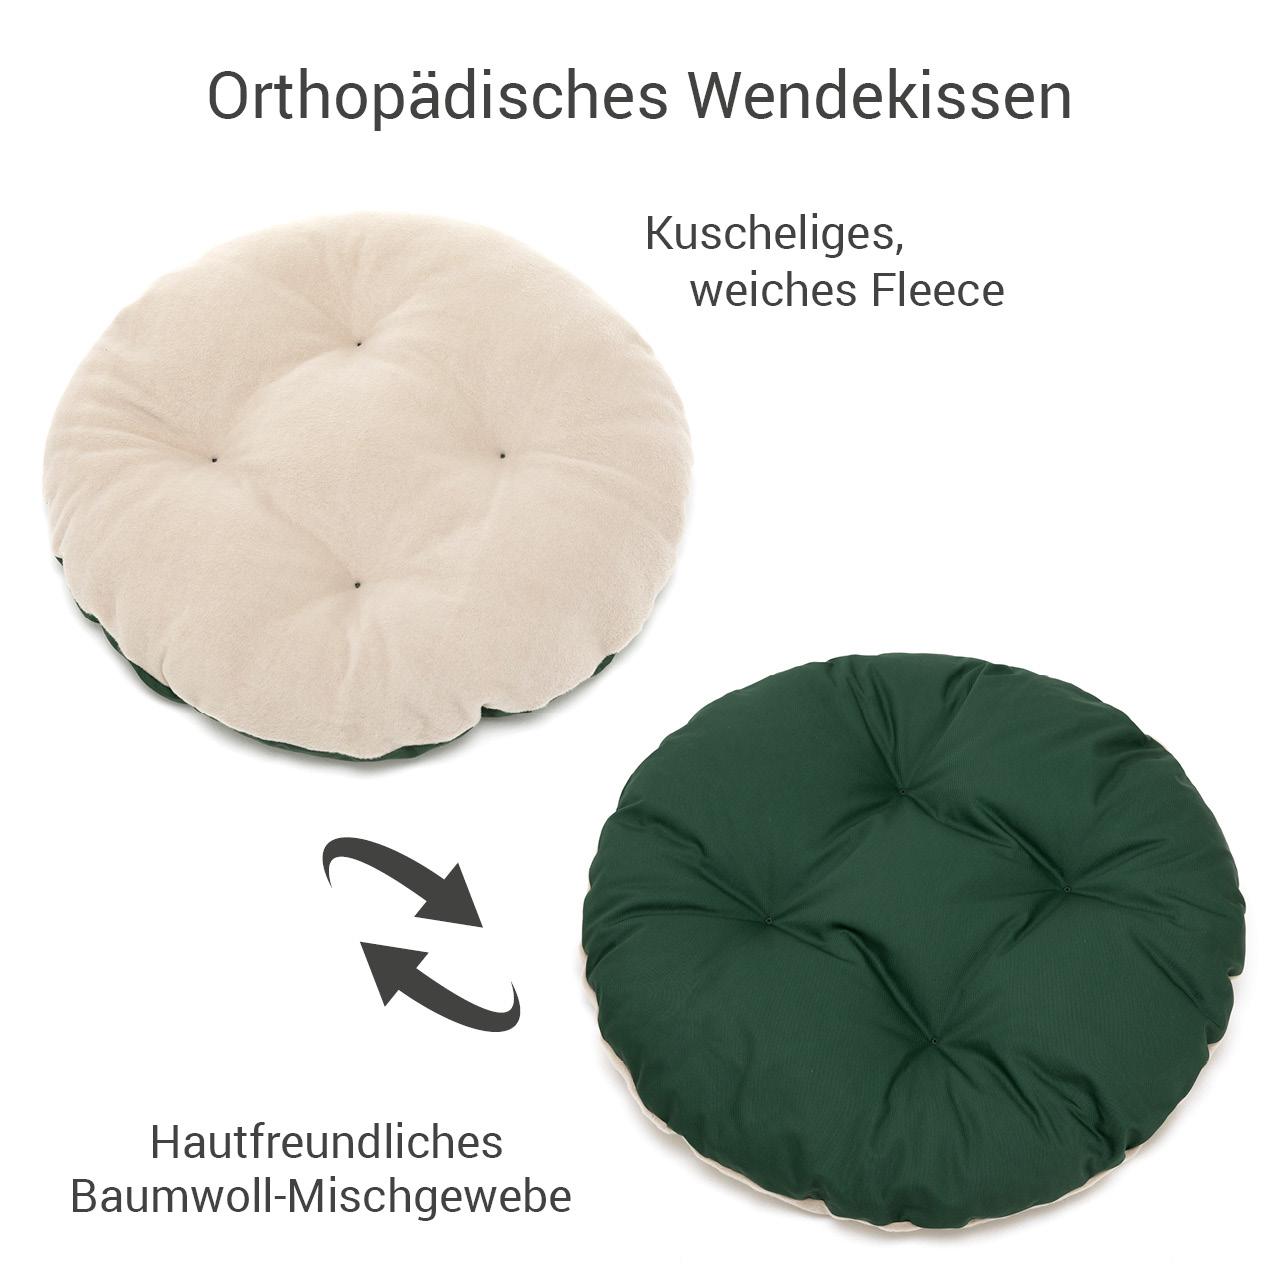 rundes Hundebett mit orthopädischem Wendekissen Doctor Bark Gr. M - beige-moosgrün